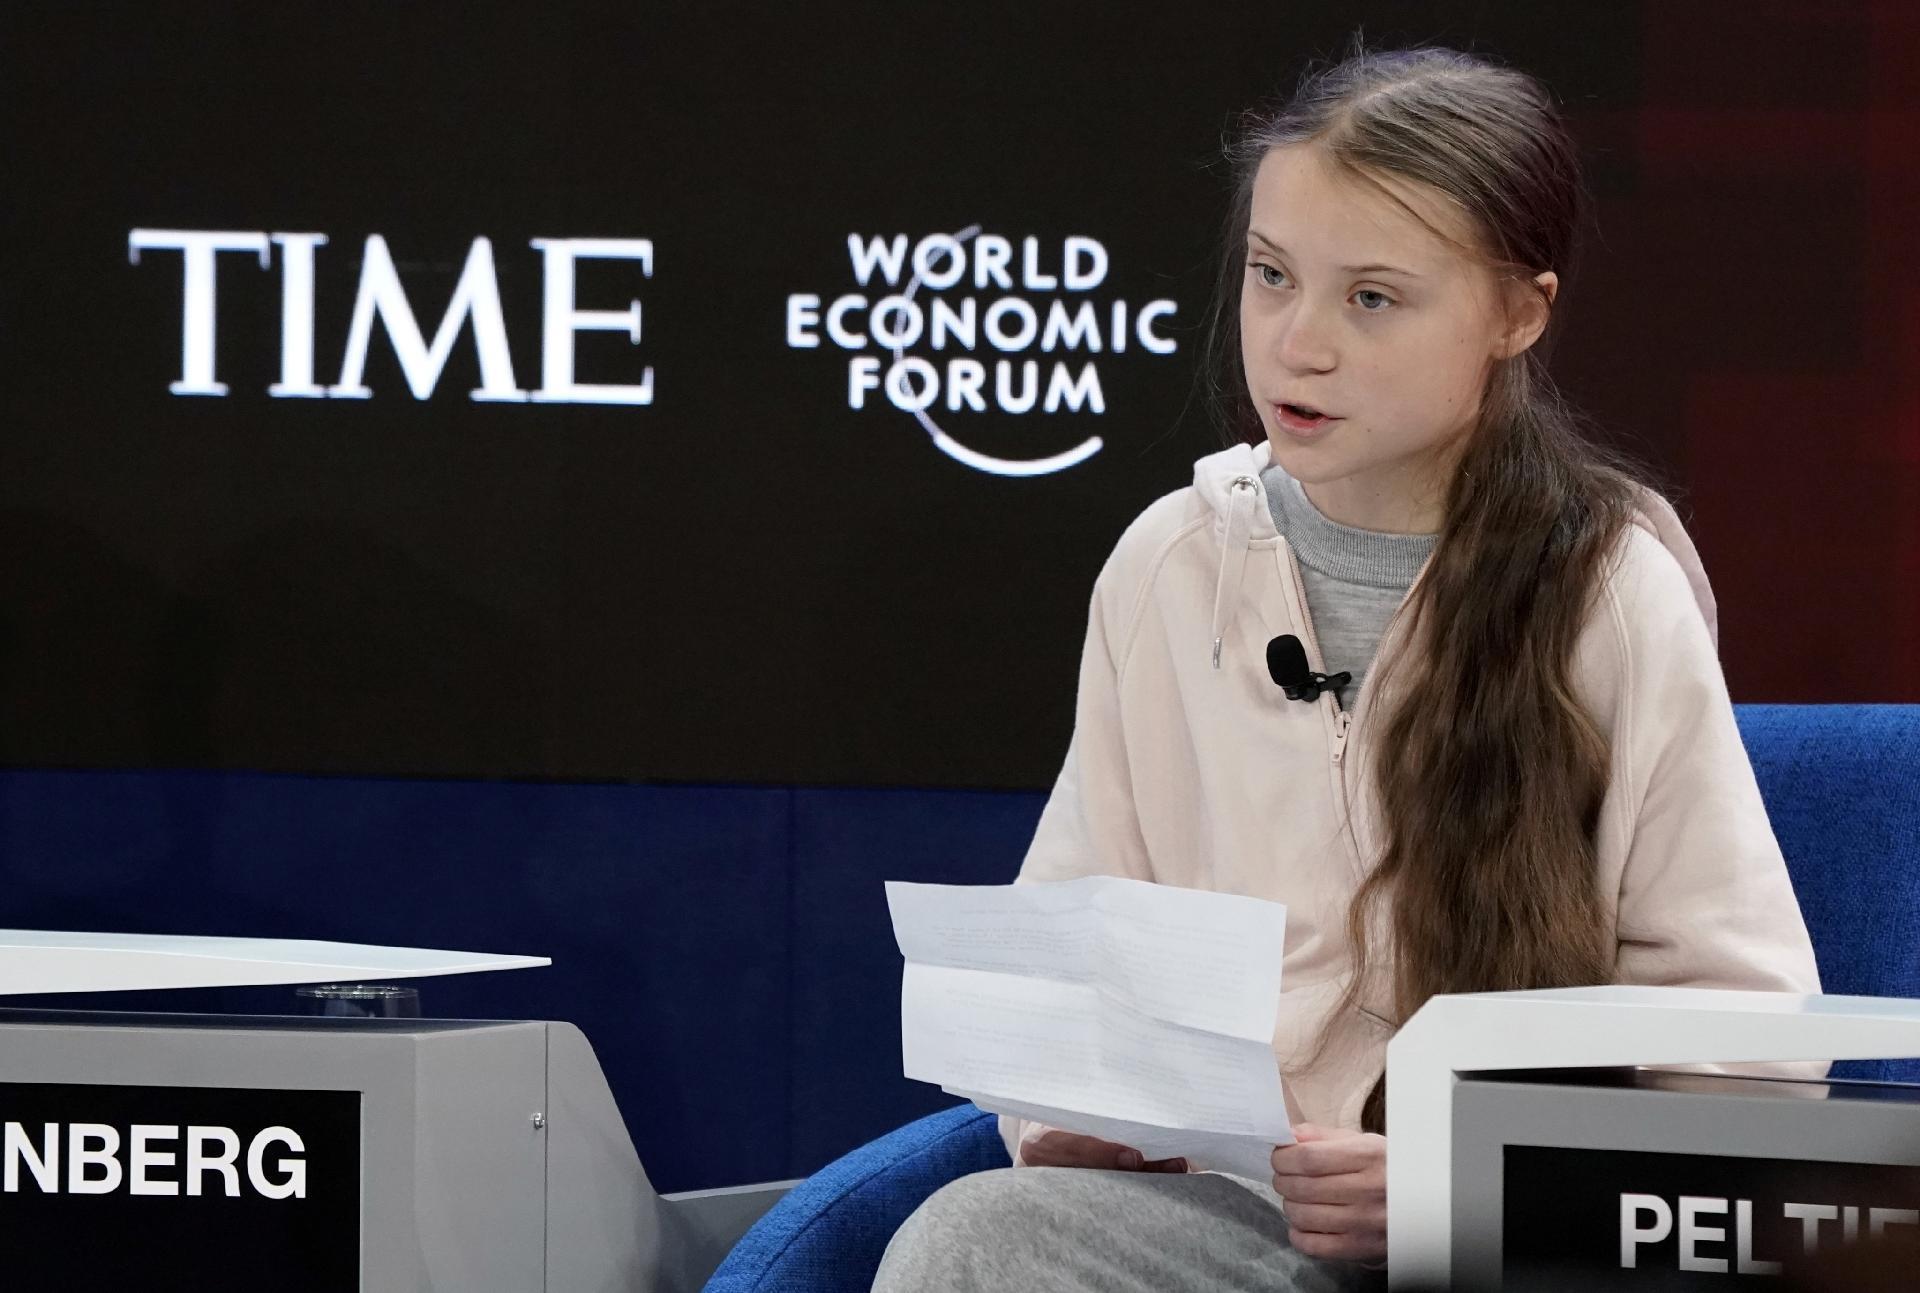 Não se fez nada' contra a mudança climática, diz Greta em Davos -  21/01/2020 - UOL Notícias